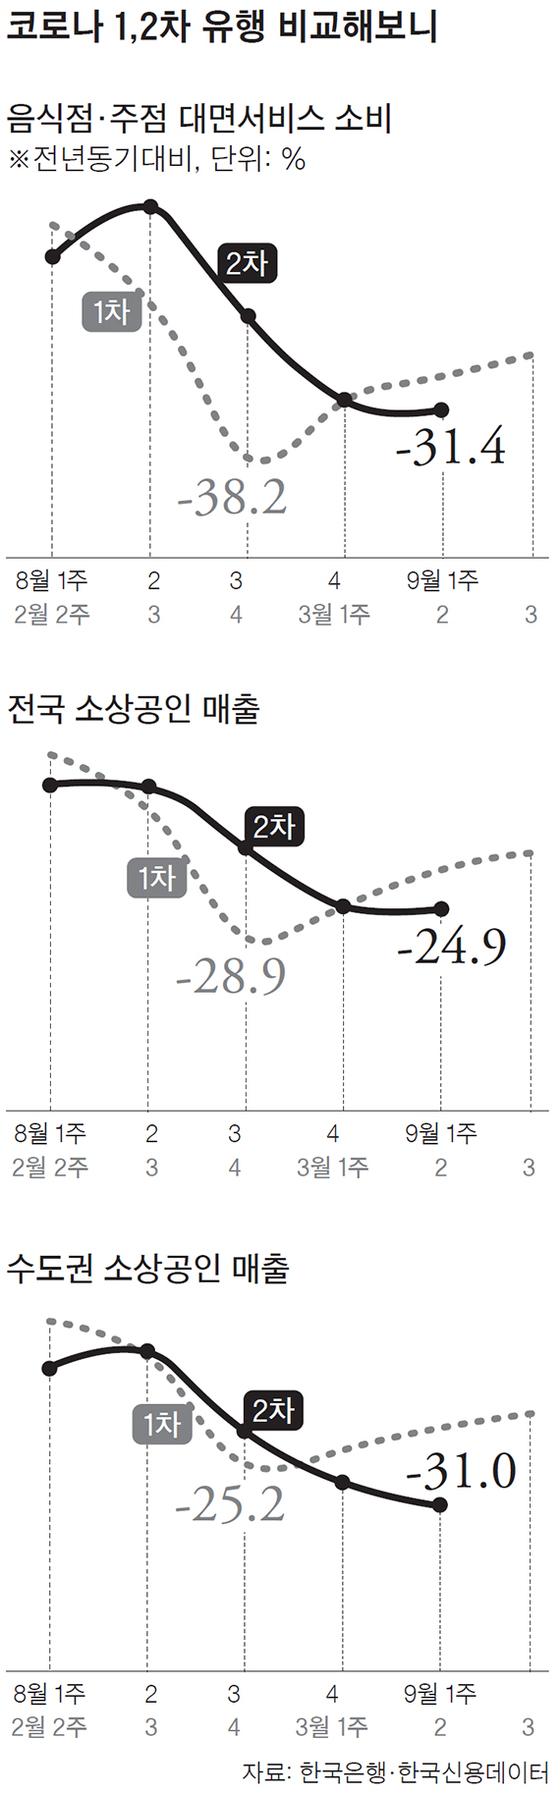 강화된 거리두기로 소비 직격탄…음식점·주점 카드 사용액 31% 뚝